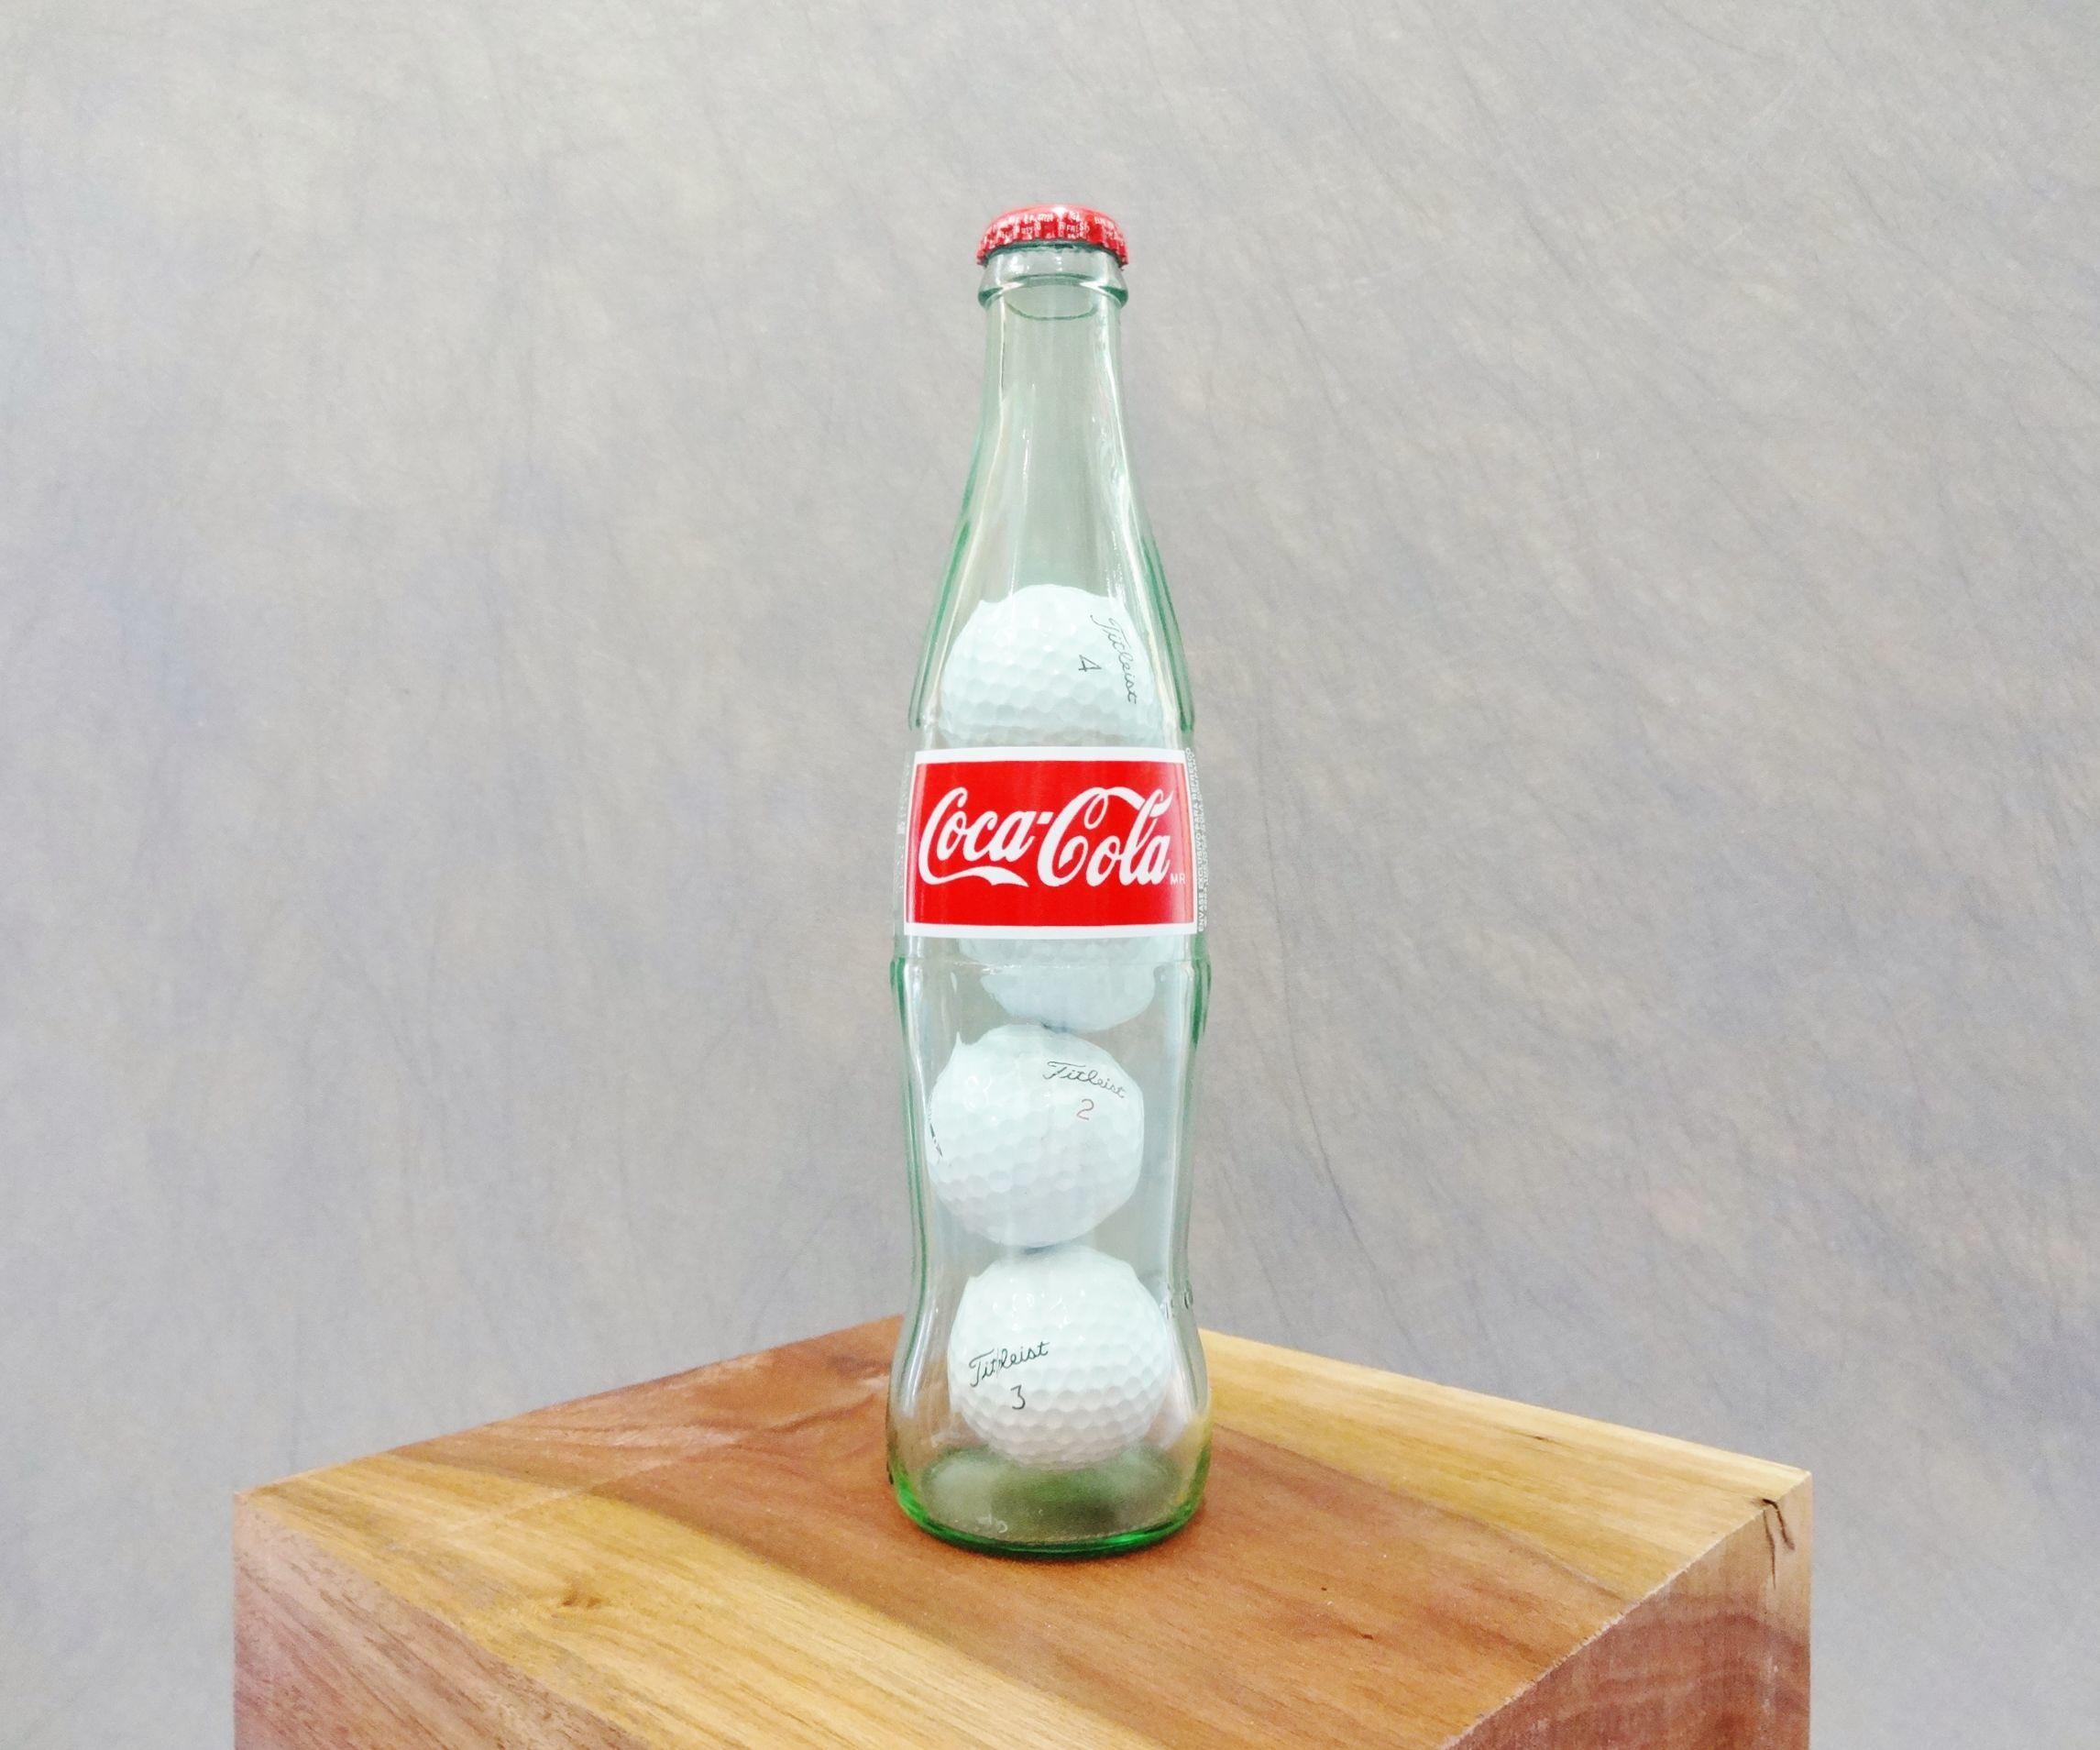 Golf balls in a Coke bottle